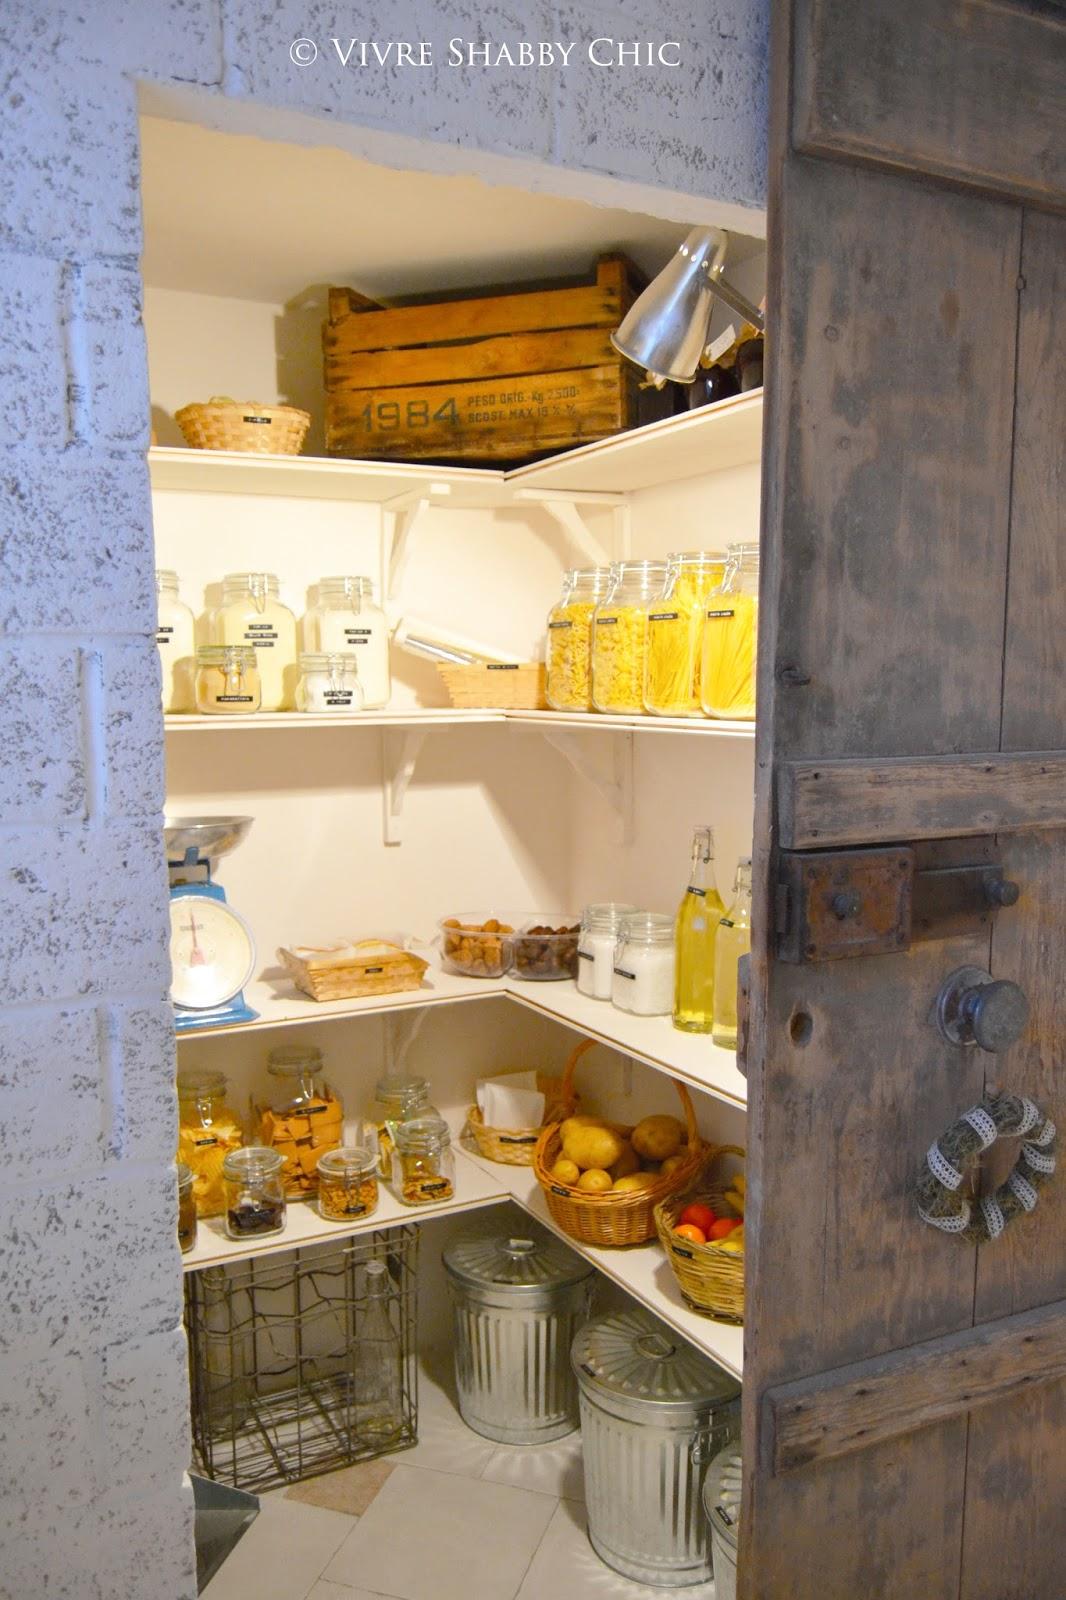 Vivre Shabby Chic: La Mia Pantry Room: Una Dispensa Organizzata. #B47A18 1066 1600 Misure Standard Sala Da Pranzo